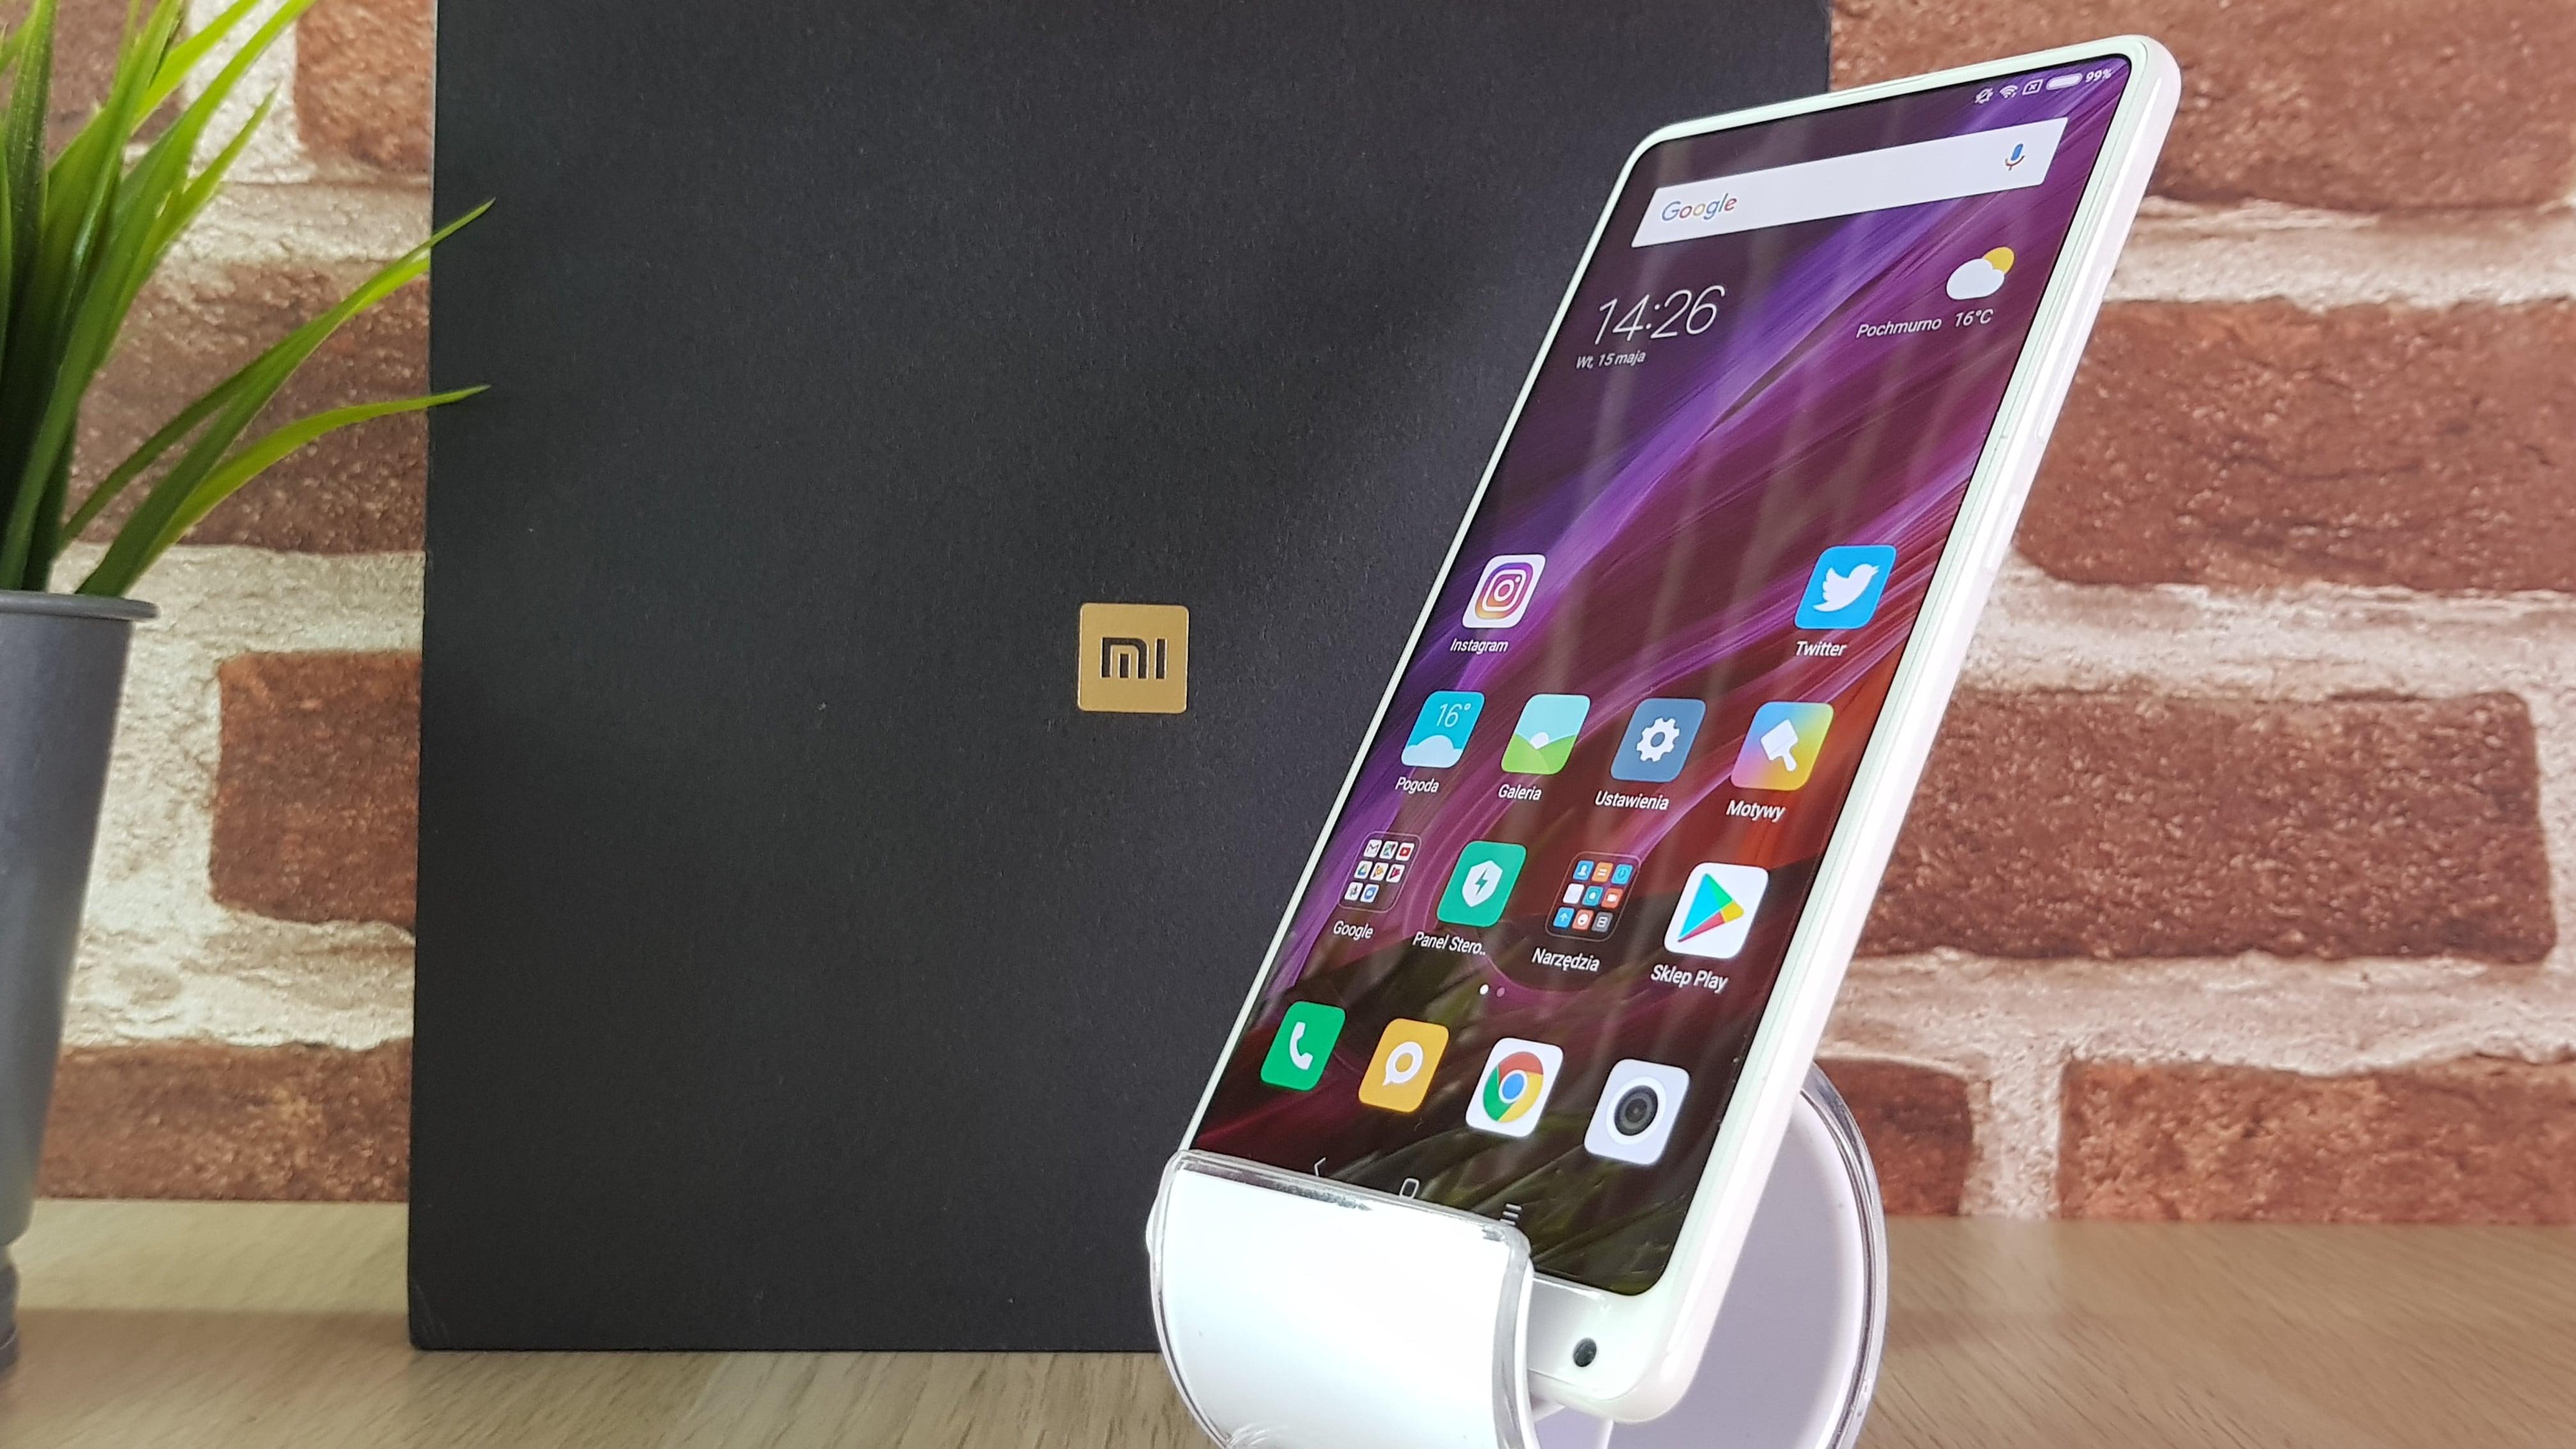 Tabletowo.pl Jaki smartfon kupić do 2100 złotych? (sierpień 2018) Android Co kupić Smartfony